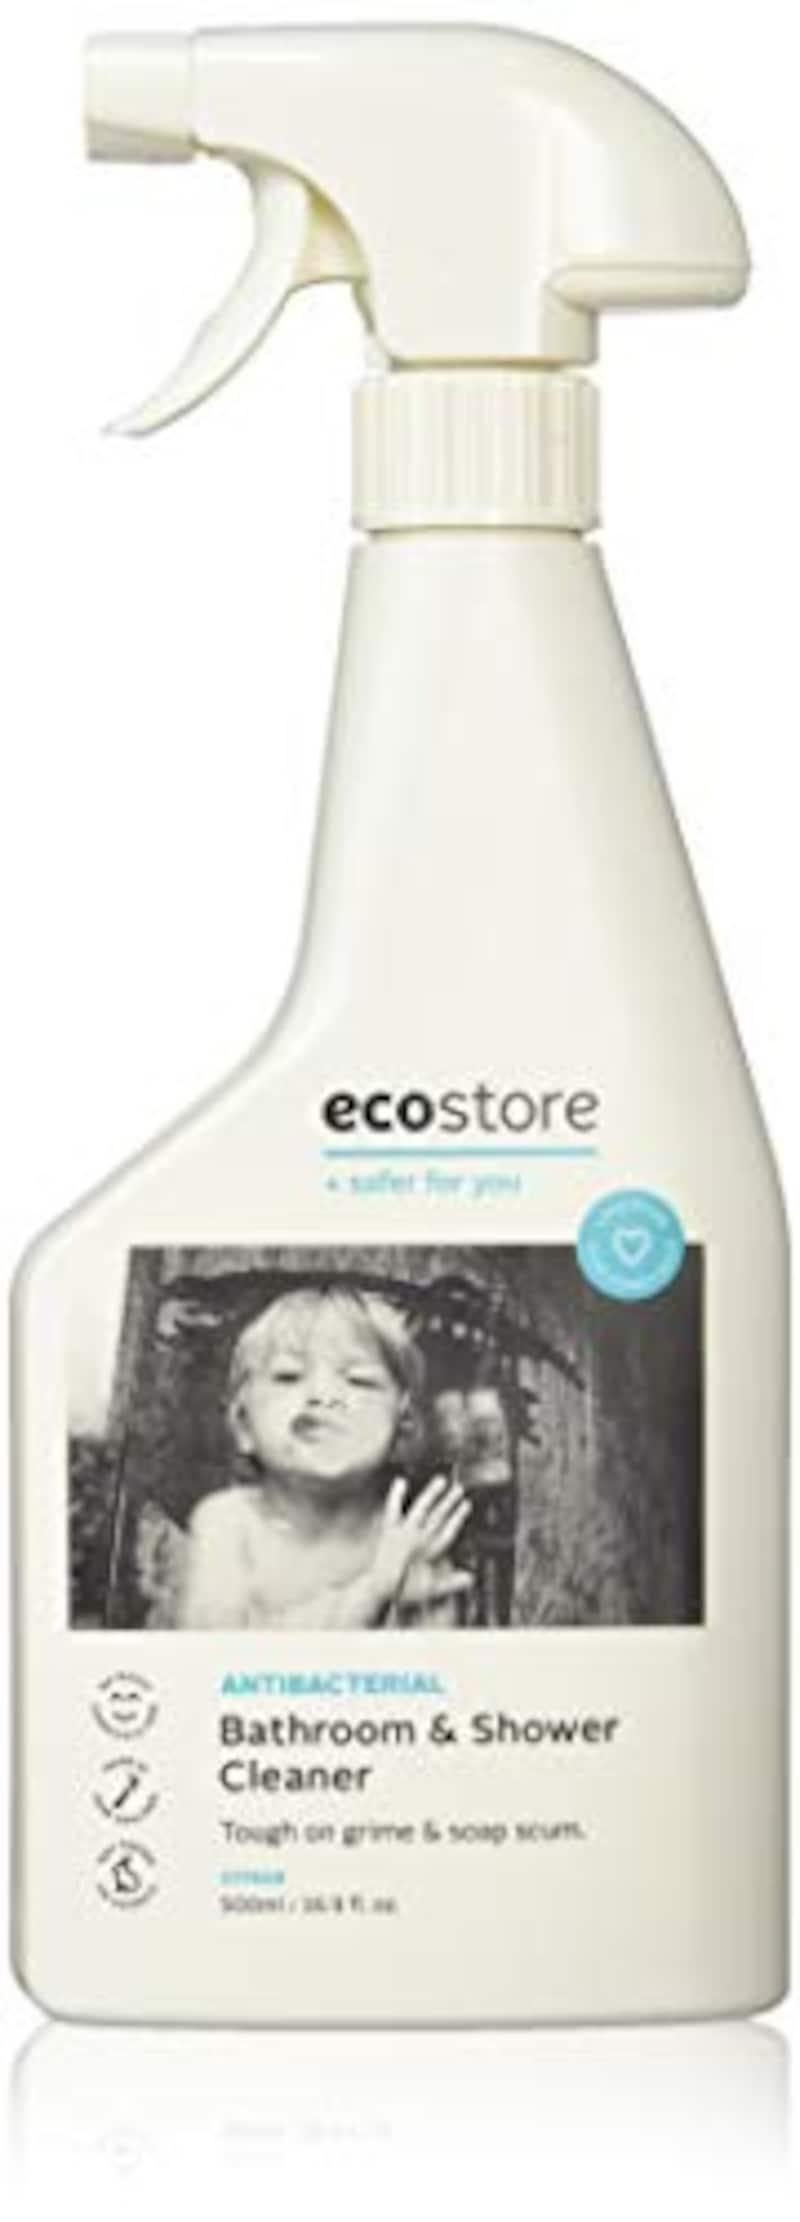 ecostore(エコストア),バスルーム&シャワークリーナー